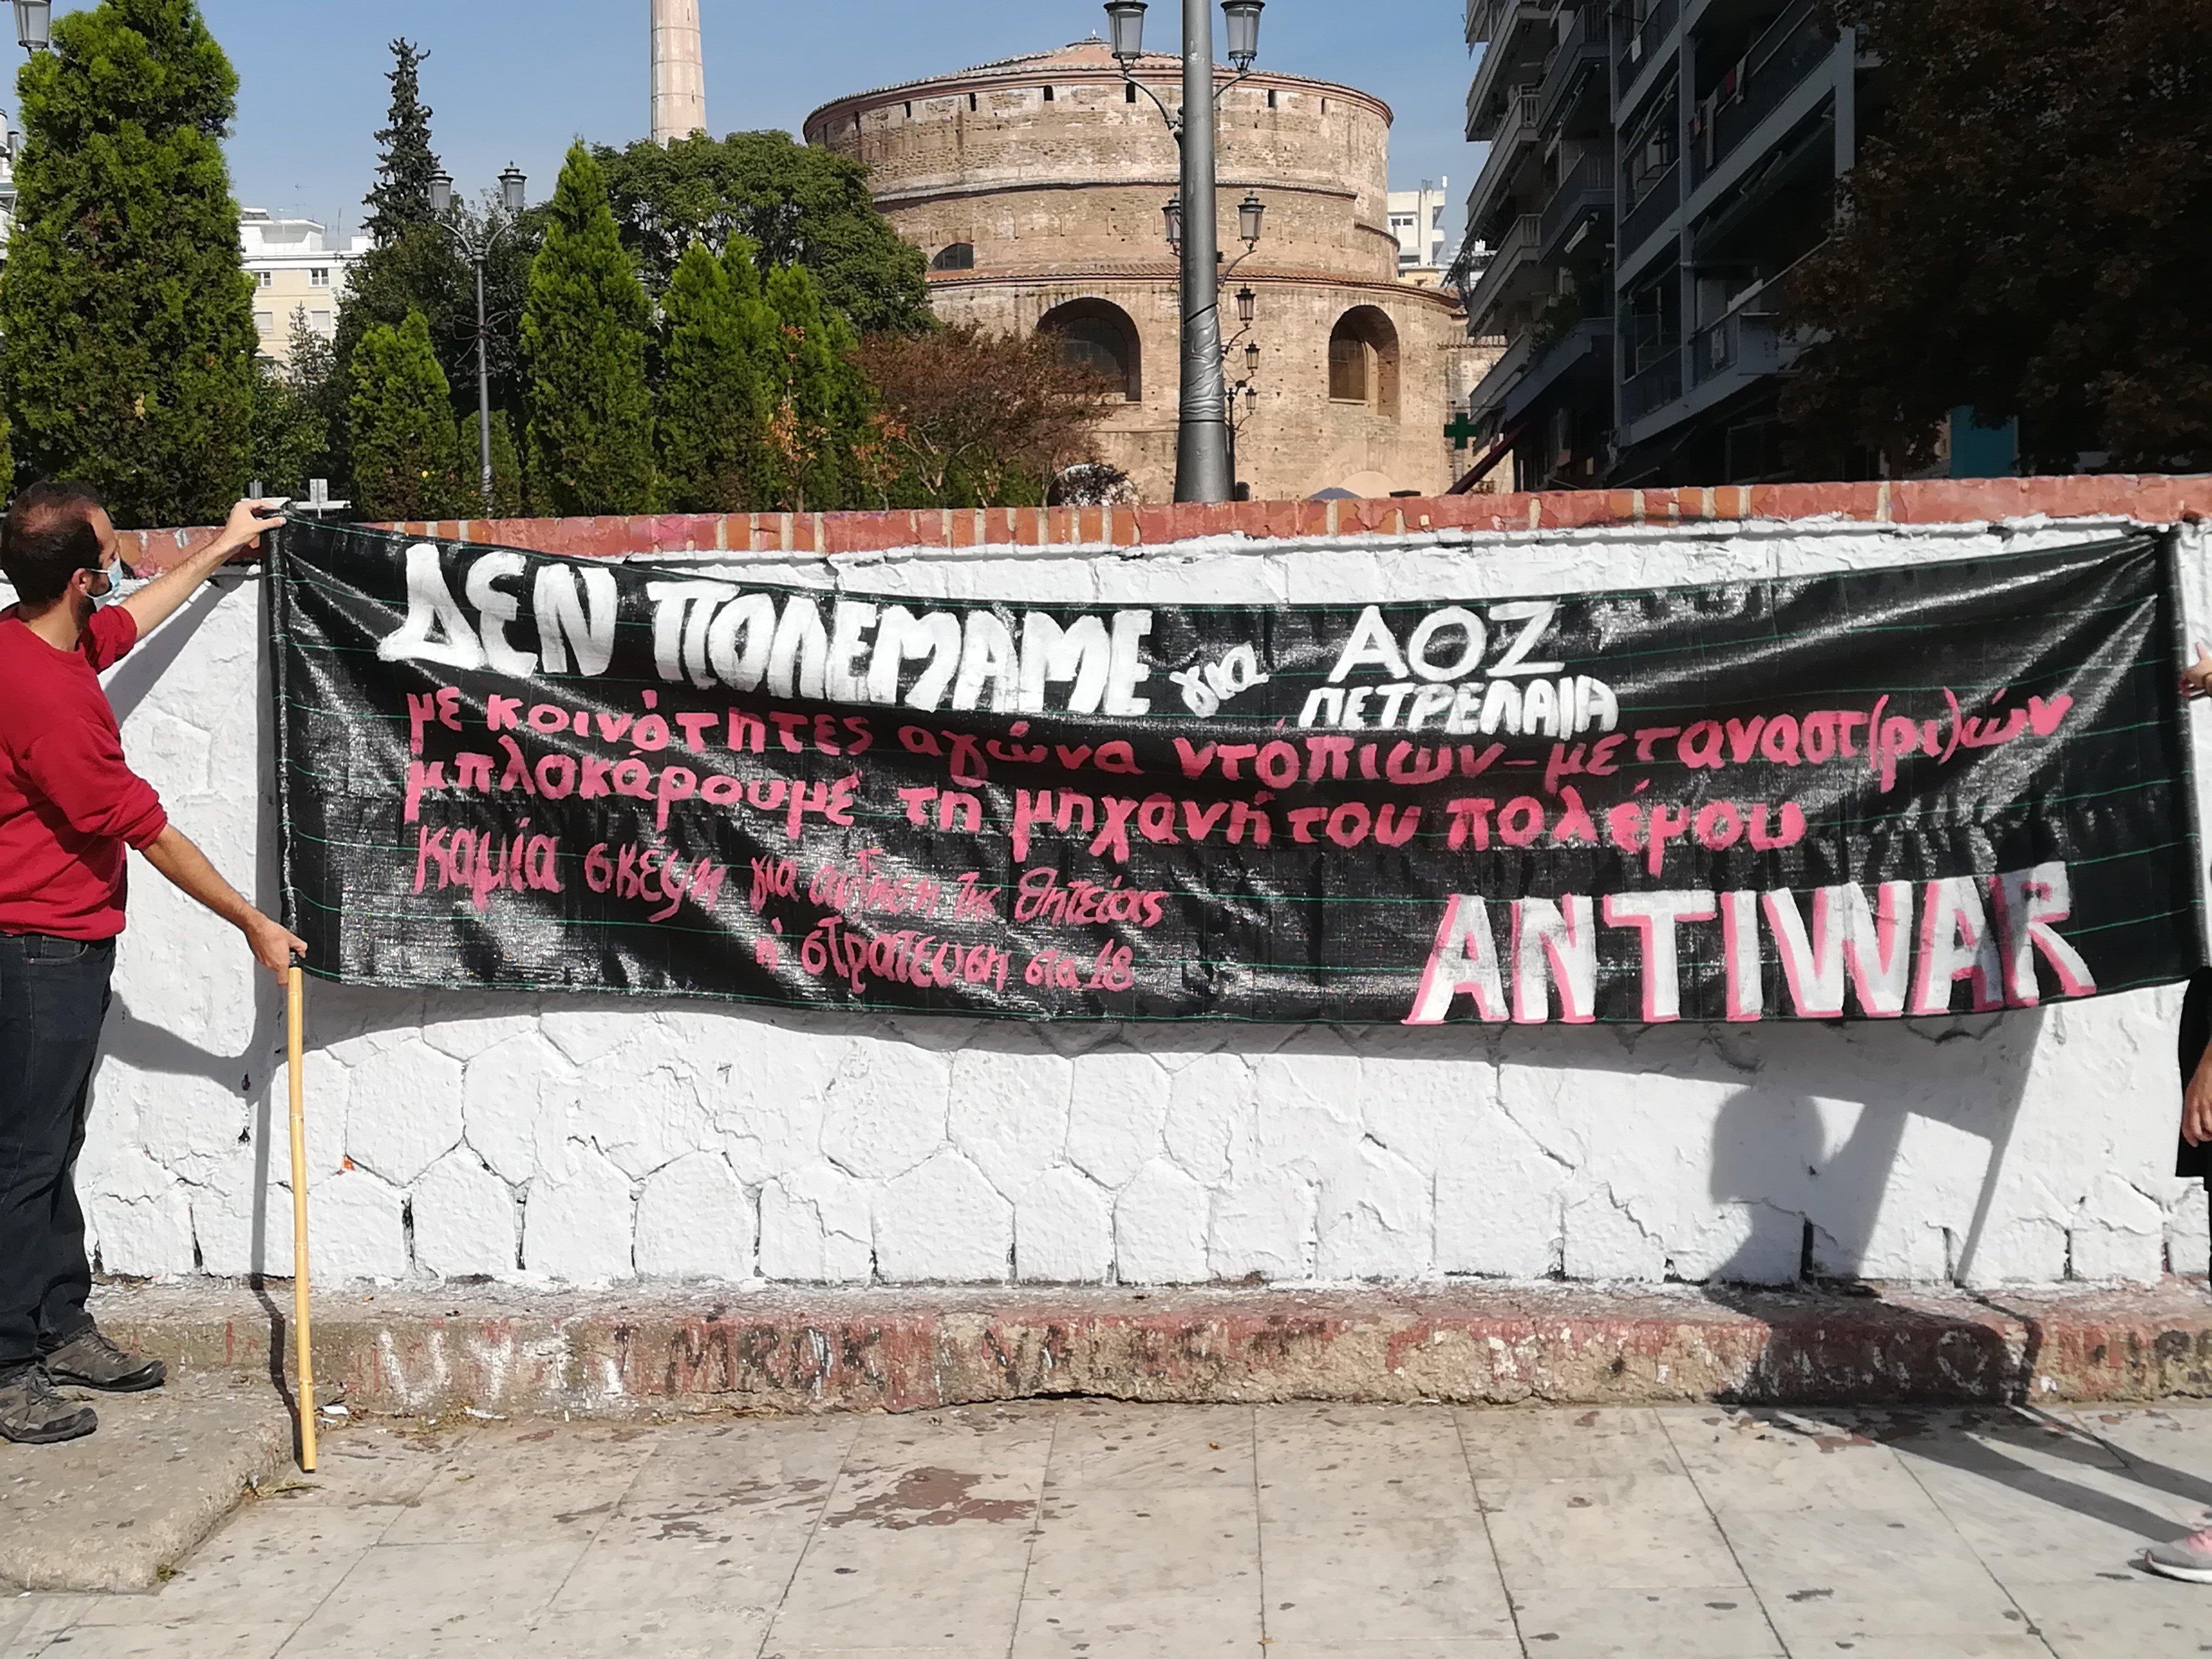 Αντιπολεμική/ αντιμιλιταριστική συγκέντρωση σήμερα στη Θεσσαλονίκη